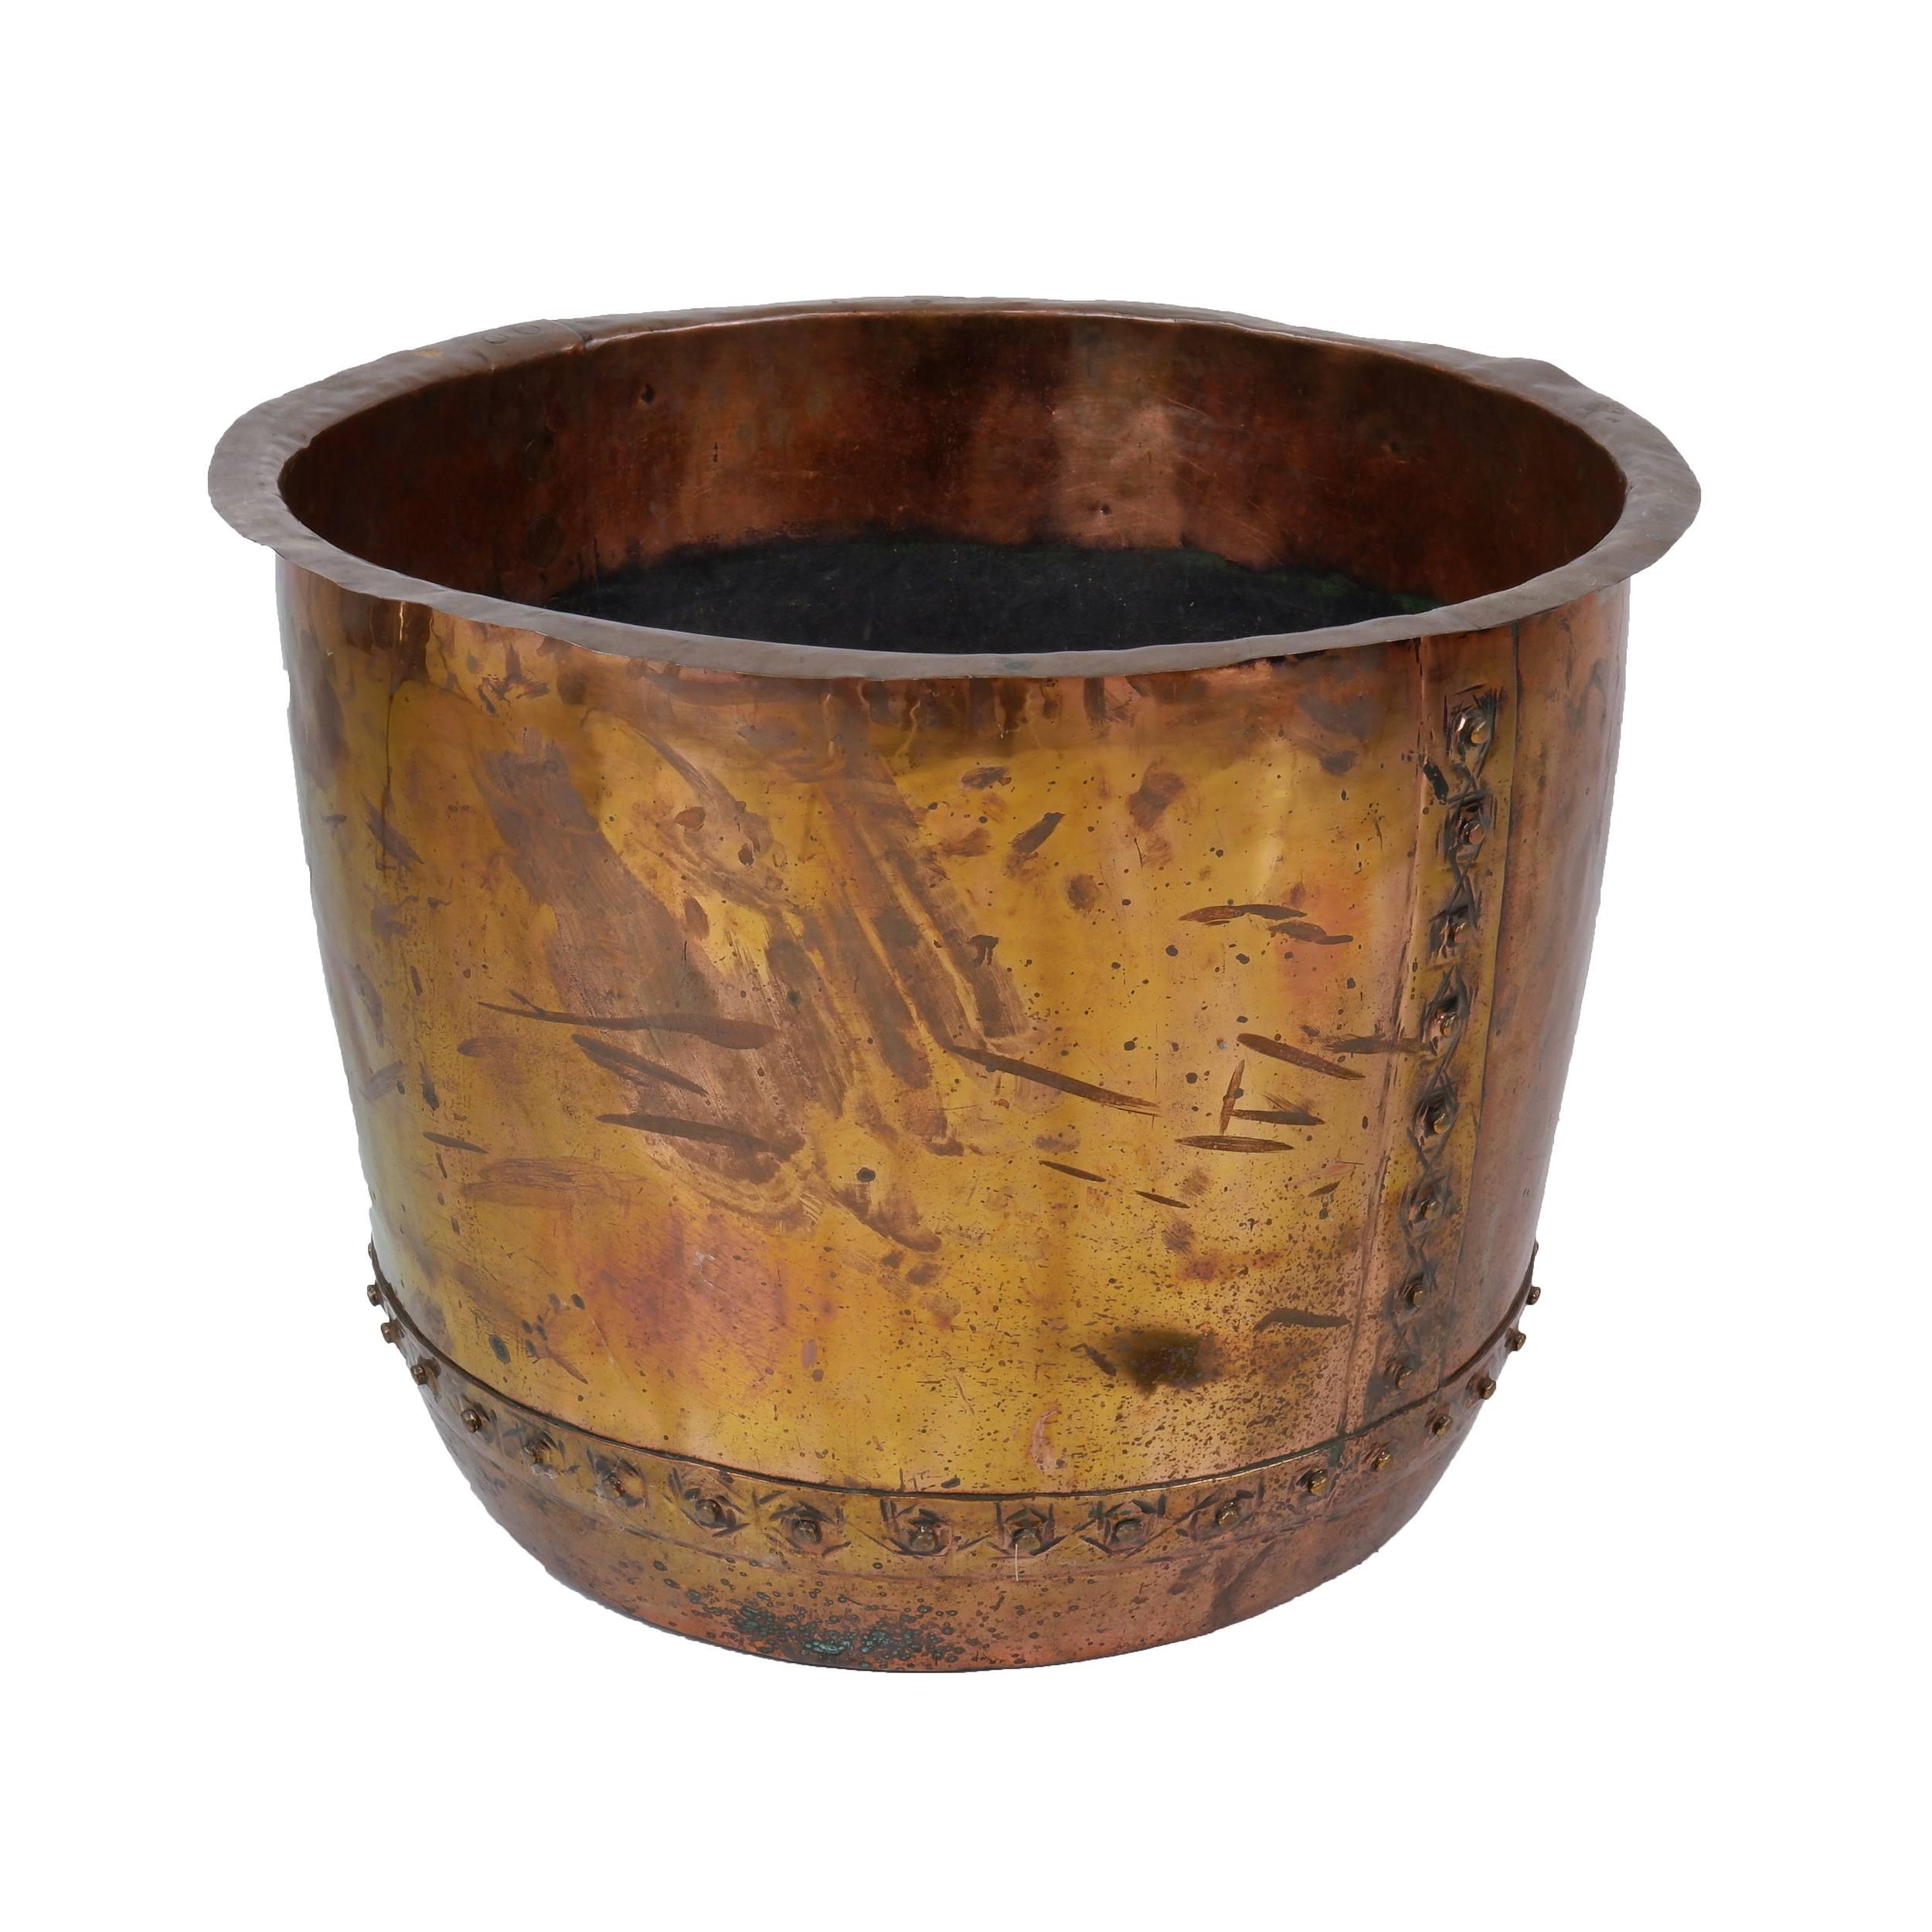 'Large Antique Riveted Copper Boiler'